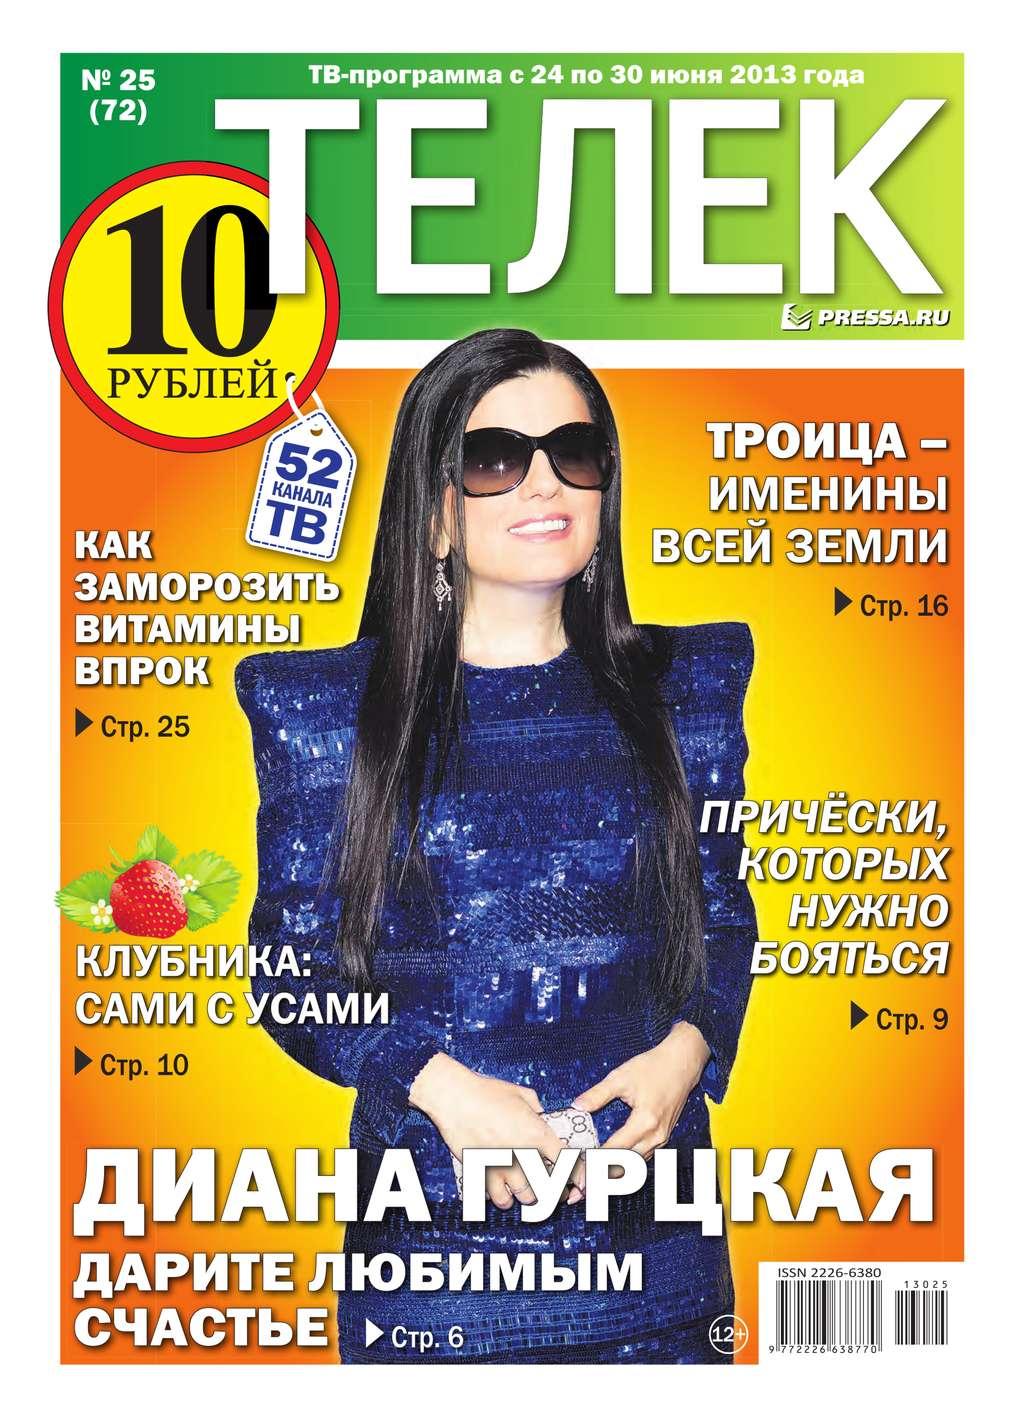 Редакция газеты ТЕЛЕК PRESSA.RU Телек 25-2013 аджна божевильна 33 рифмооткровения